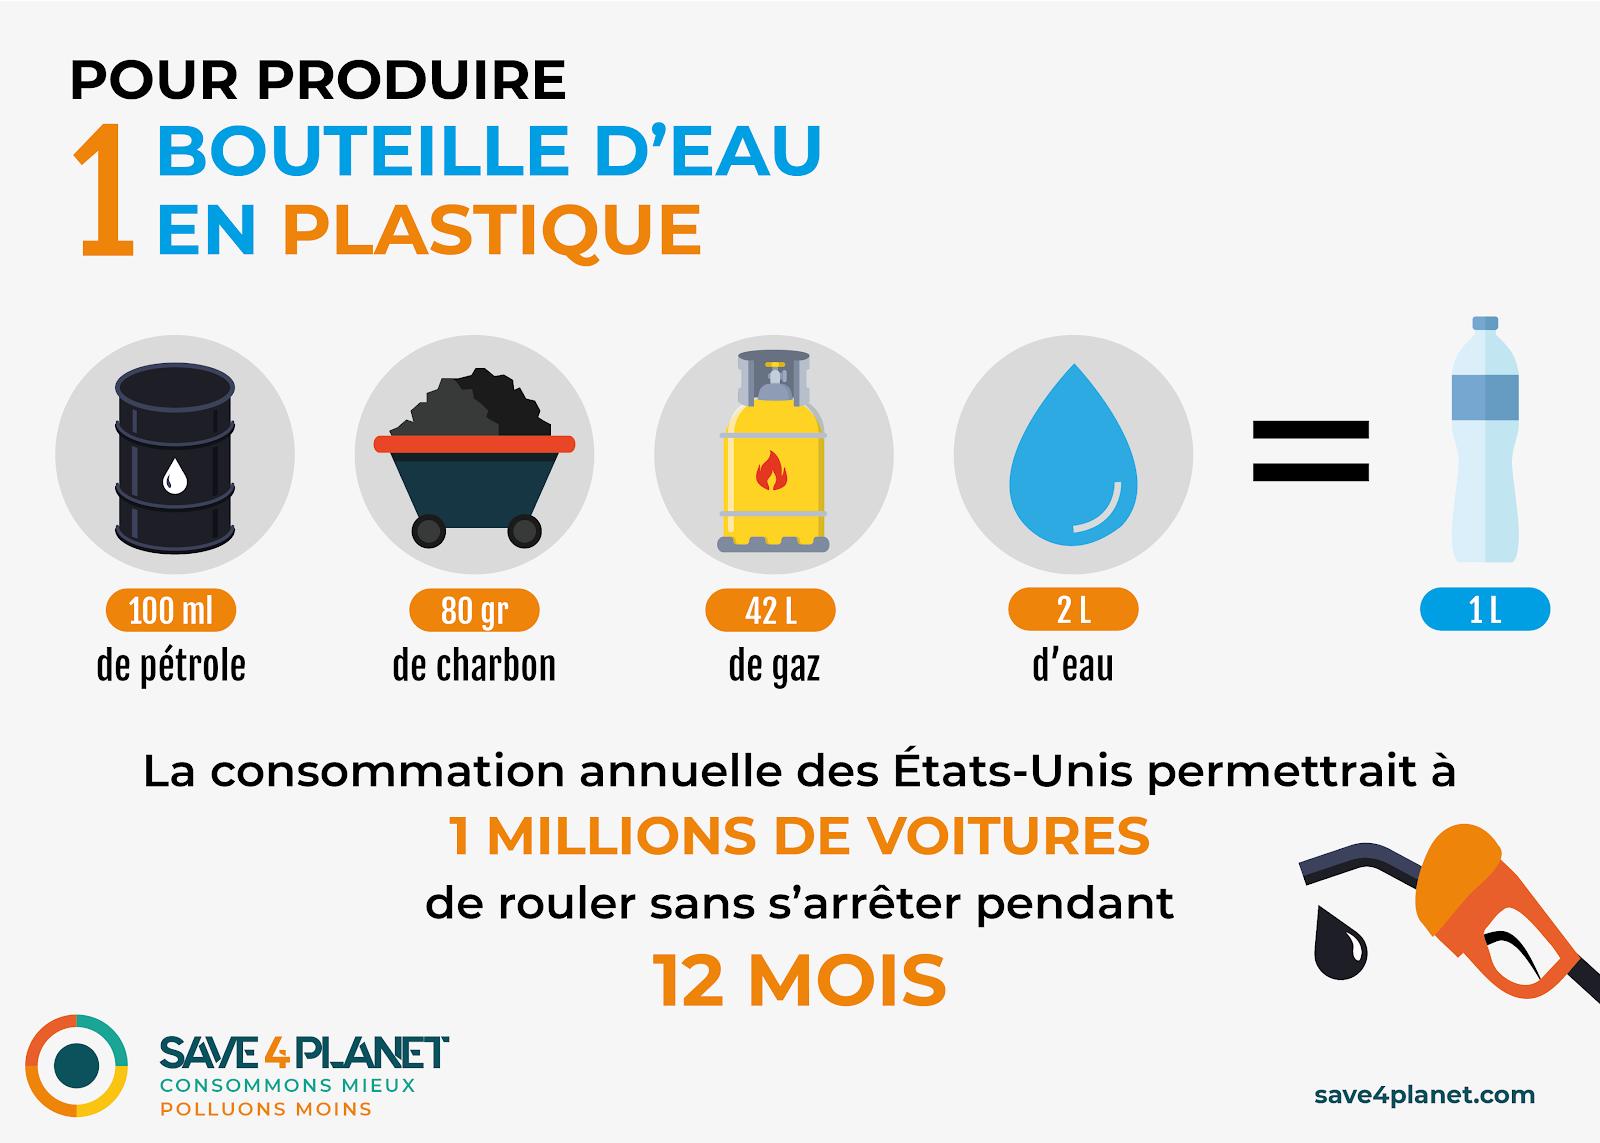 Illustration de la pollution des bouteilles d'eau en plastique